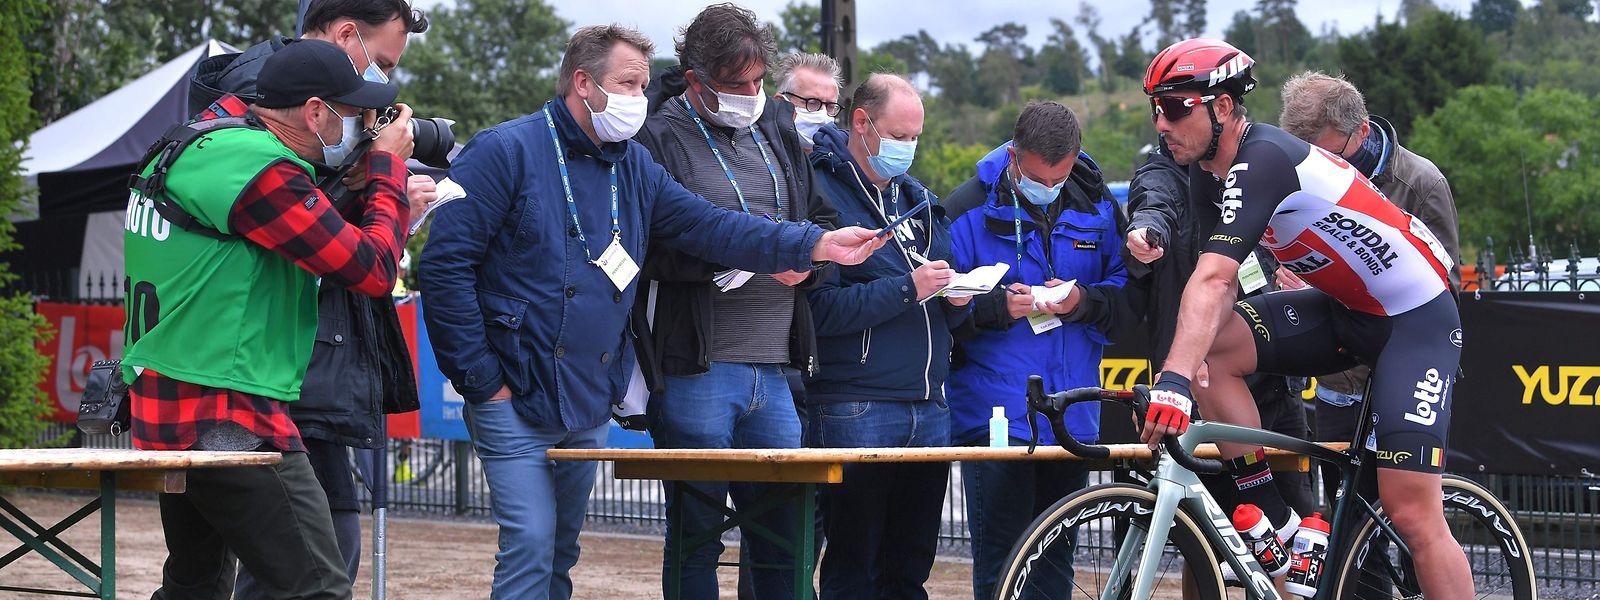 Les organisateurs de l'épreuve luxembourgeoise vont devoir mettre en place différents protocoles comme cela s'est produit sur le GP Vermac en Belgique début juillet.